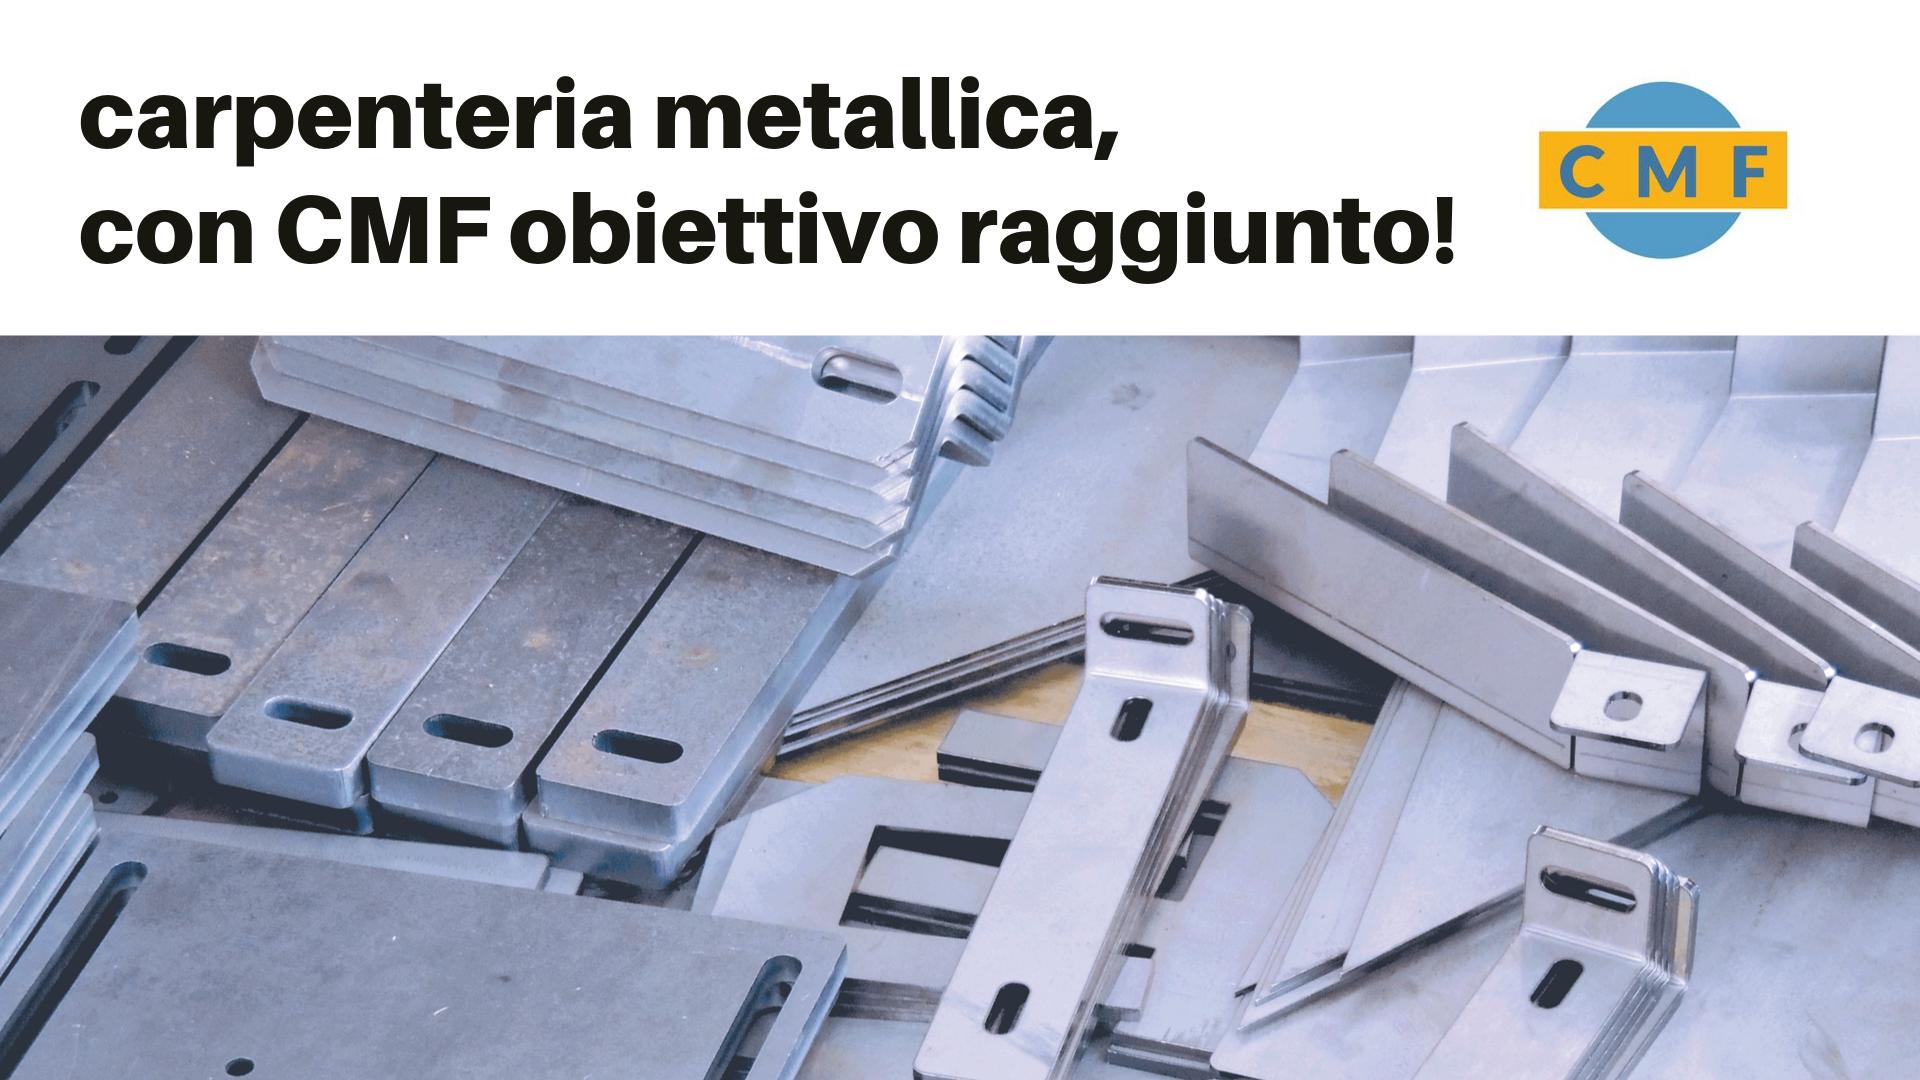 CARPENTERIA METALLICA CON CMF OBIETTIVO RAGGIUNTO